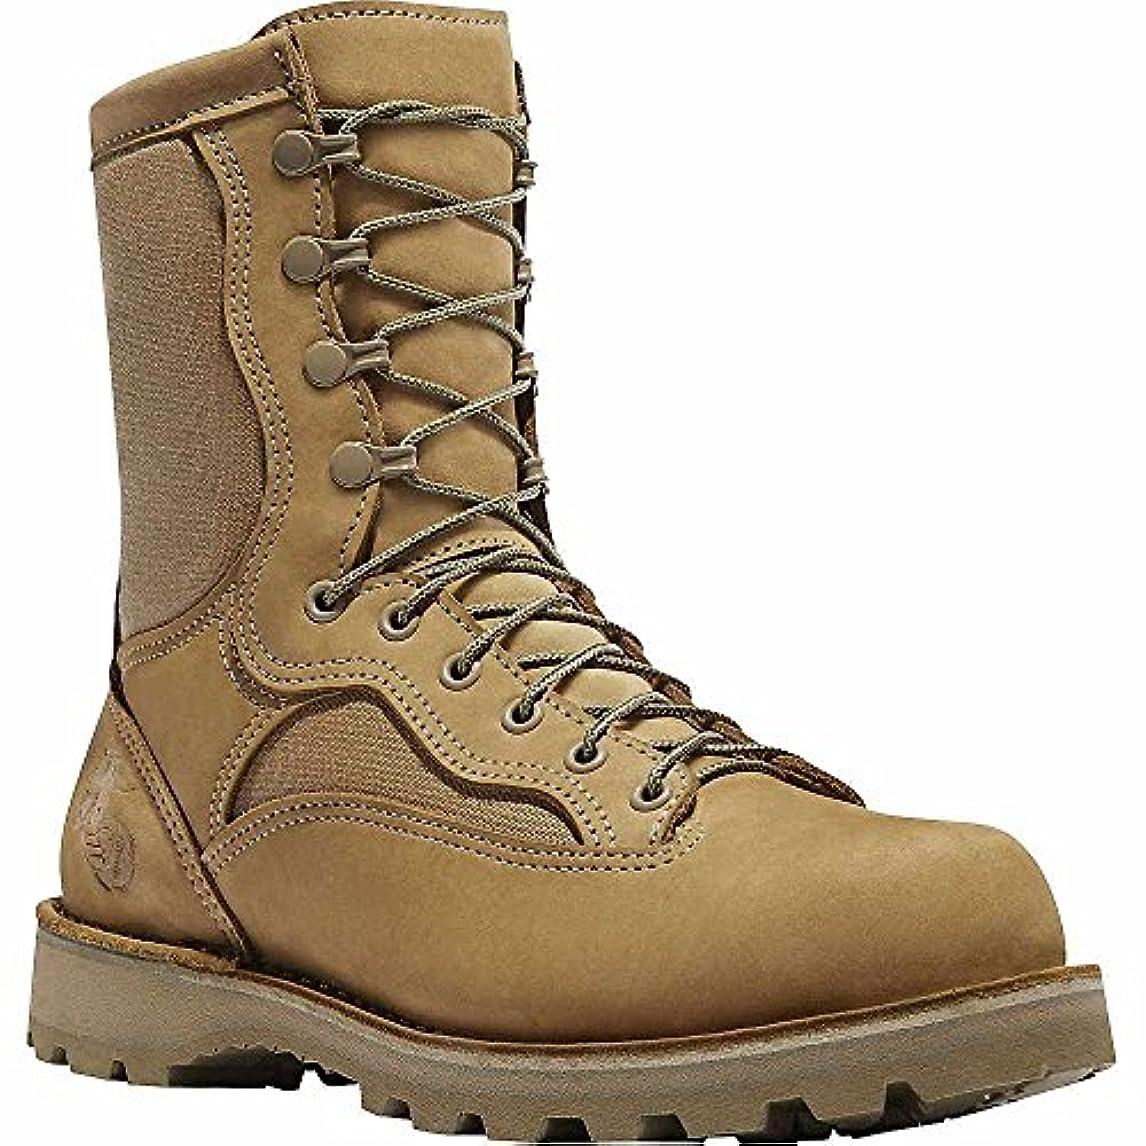 勤勉巨大サイクル(ダナー) Danner メンズ シューズ?靴 ブーツ Marine Expeditionary GTX Boot [並行輸入品]